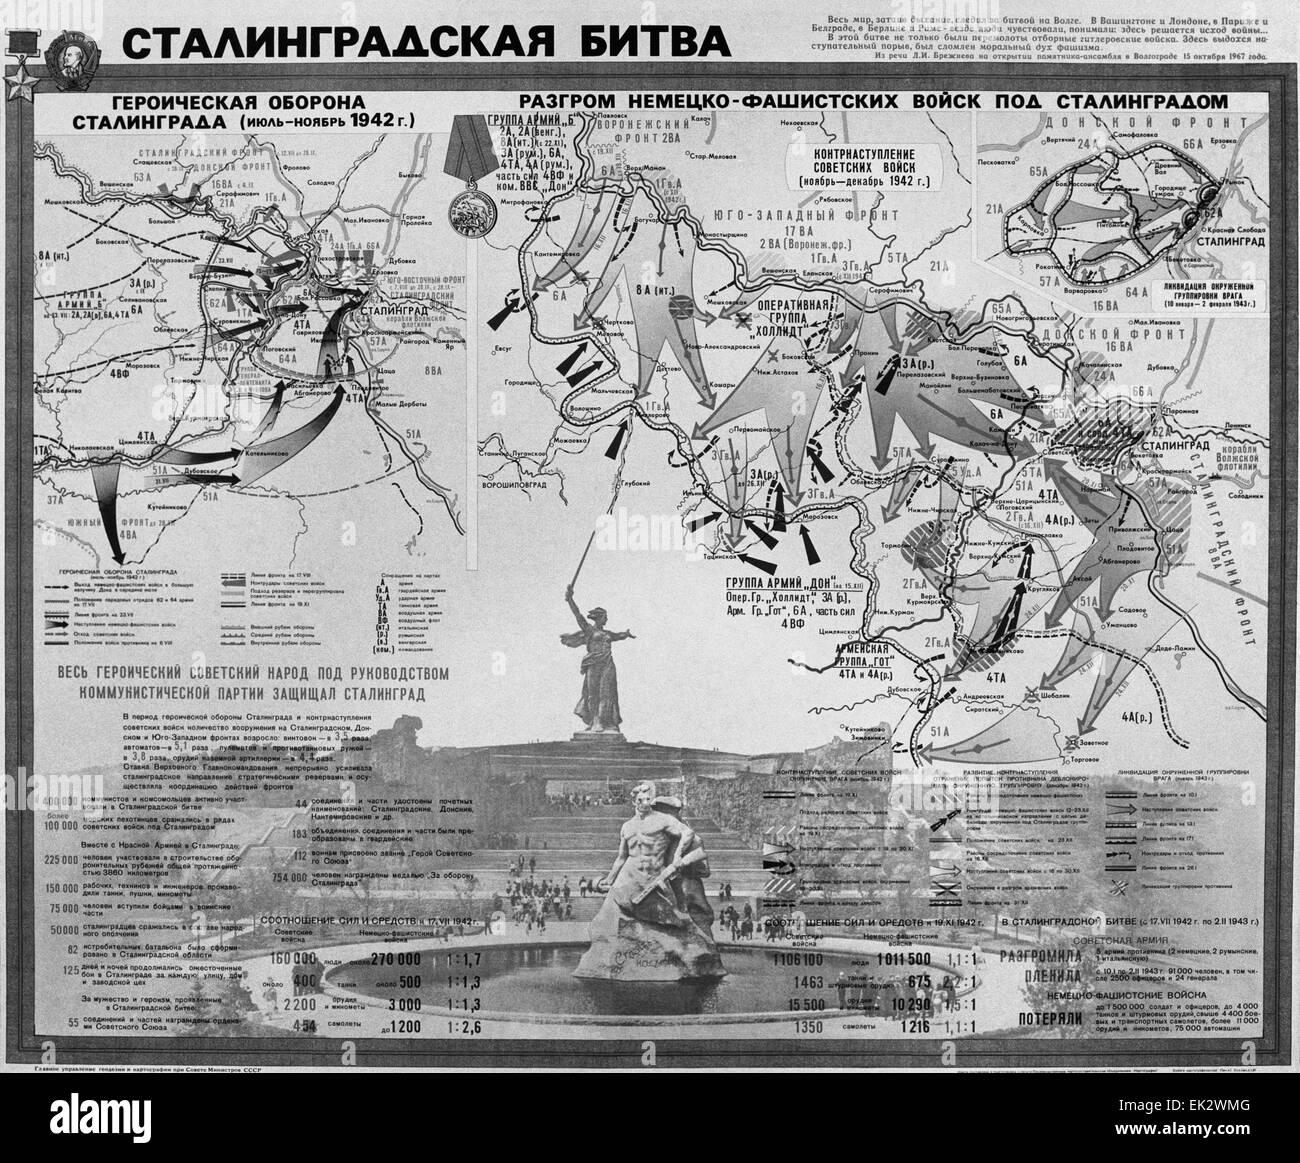 Stalingrad Karte Europa.Karte Der Schlacht Von Stalingrad Stockfotos Karte Der Schlacht